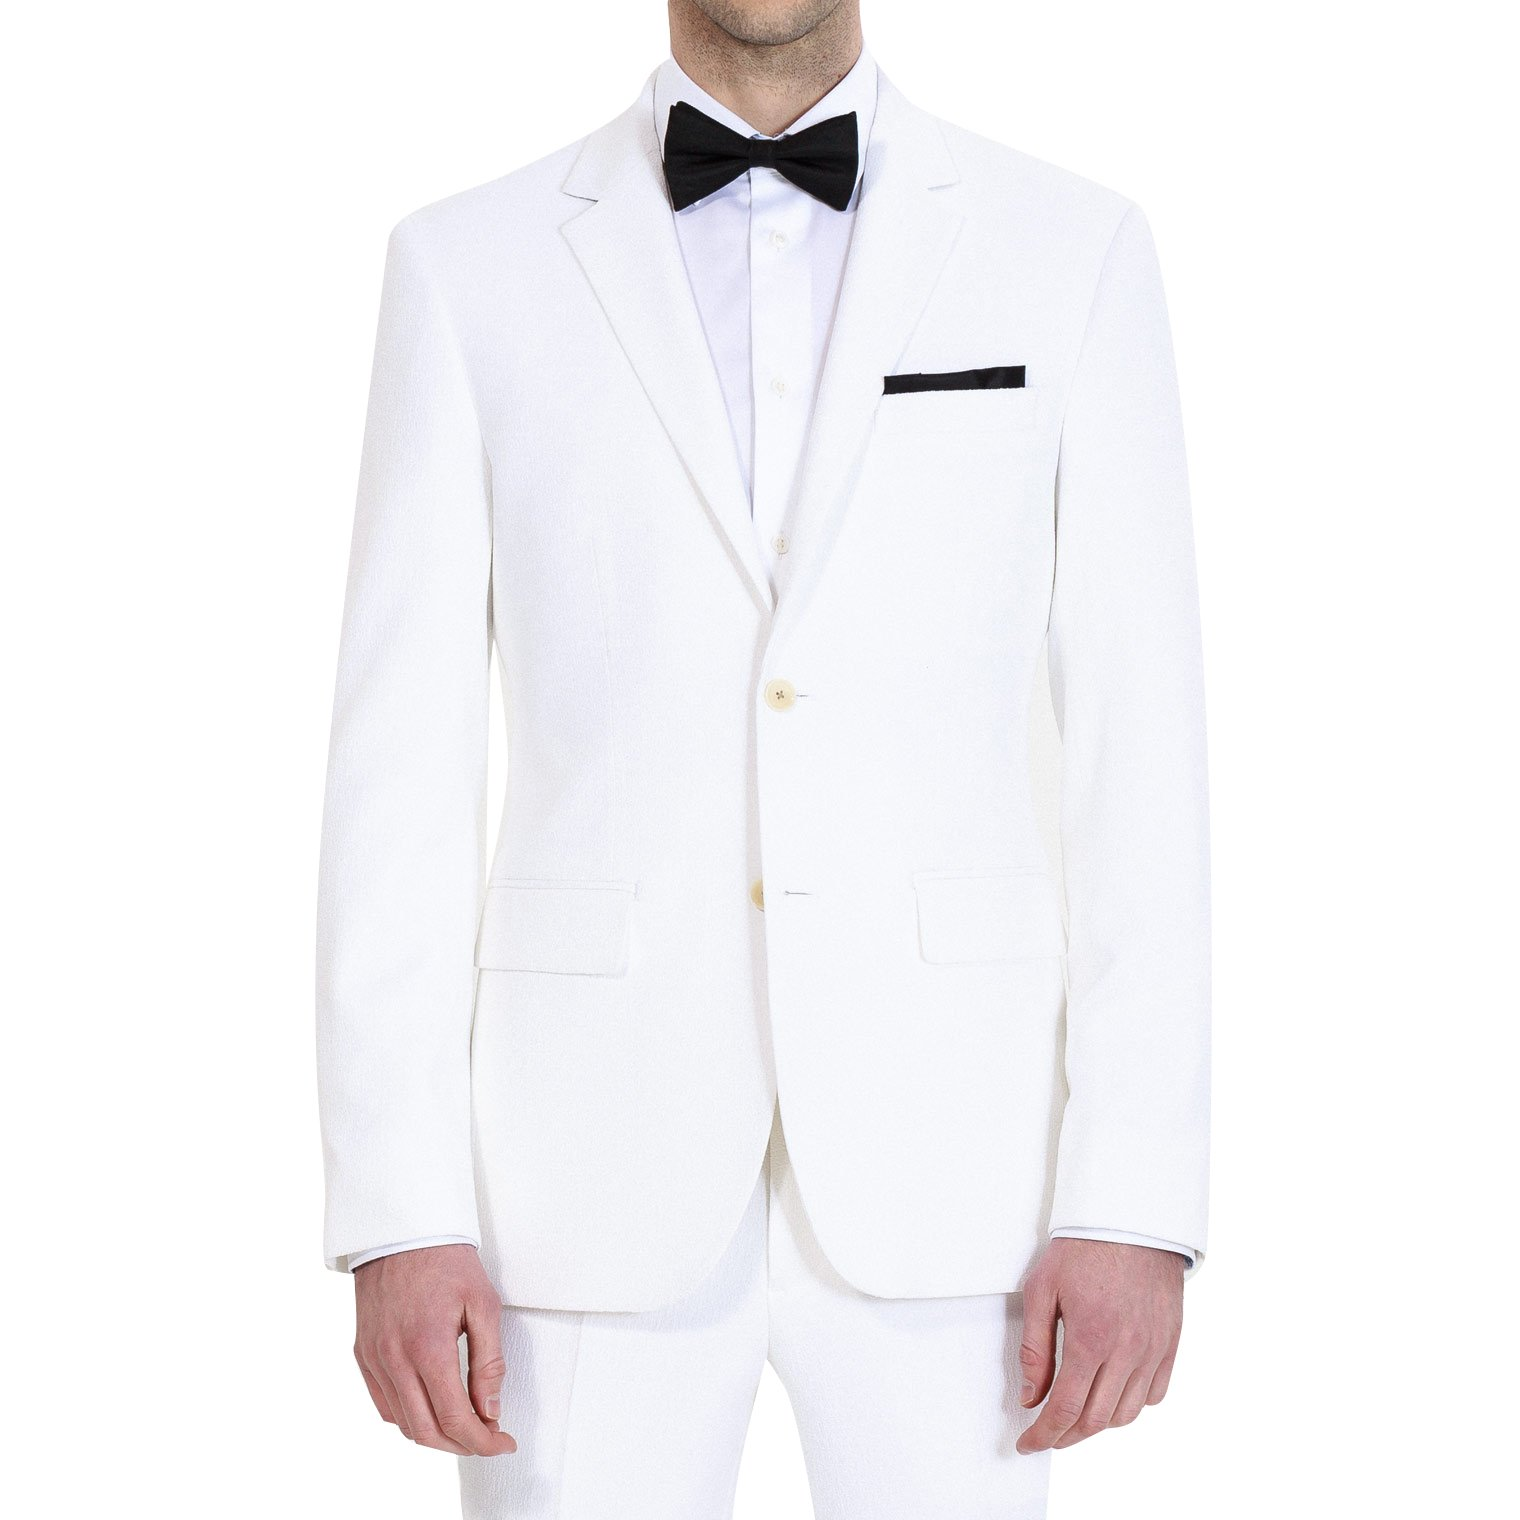 HBDesign Mens 2 Piece 2 Button Notch Lapel Slim Trim Fit Dress Suite White 58R